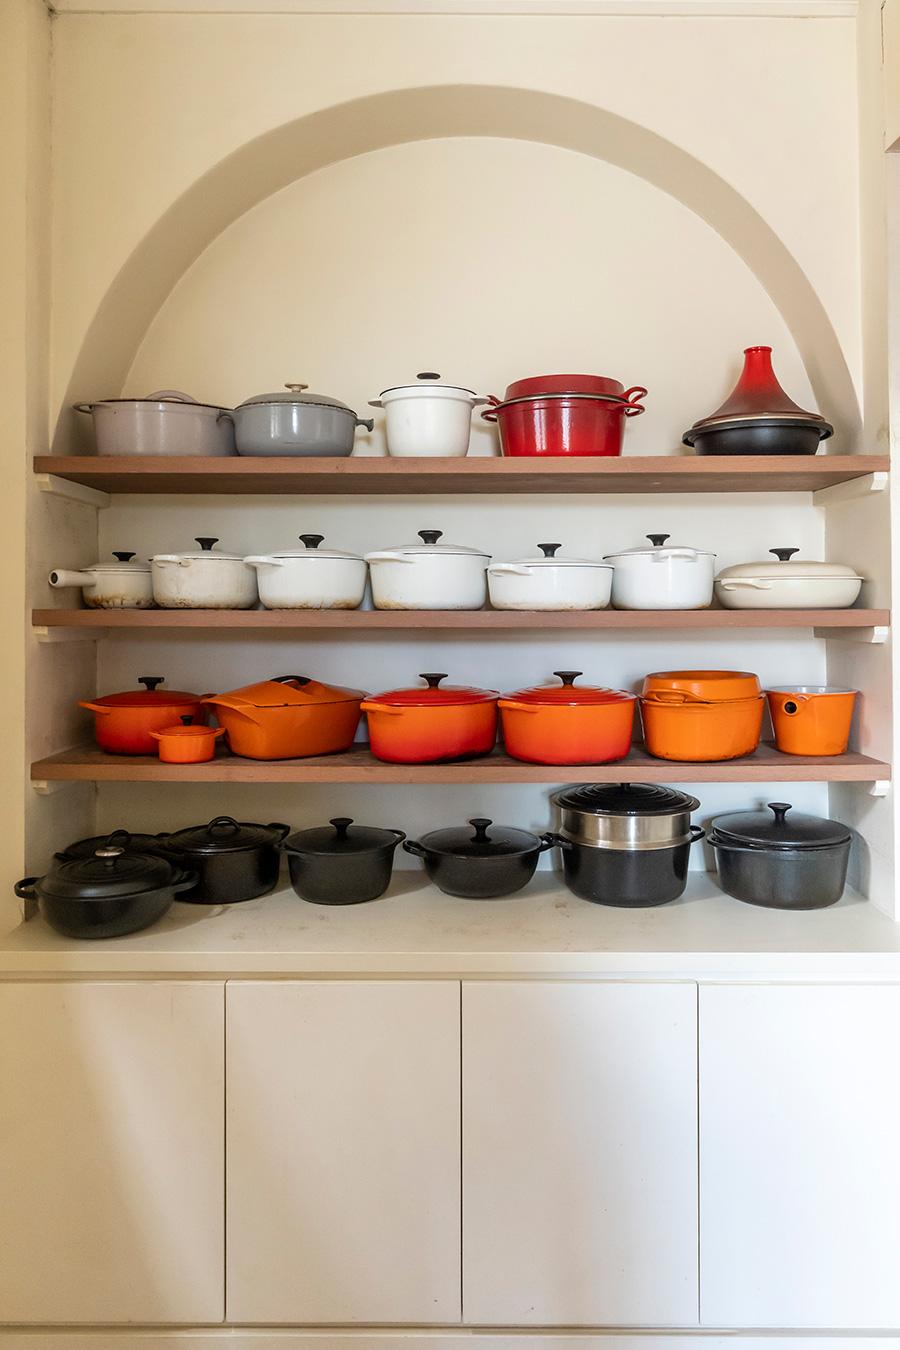 ル・クルーゼを使ったレシピを考案する平野さん。愛用のお鍋が並ぶ。